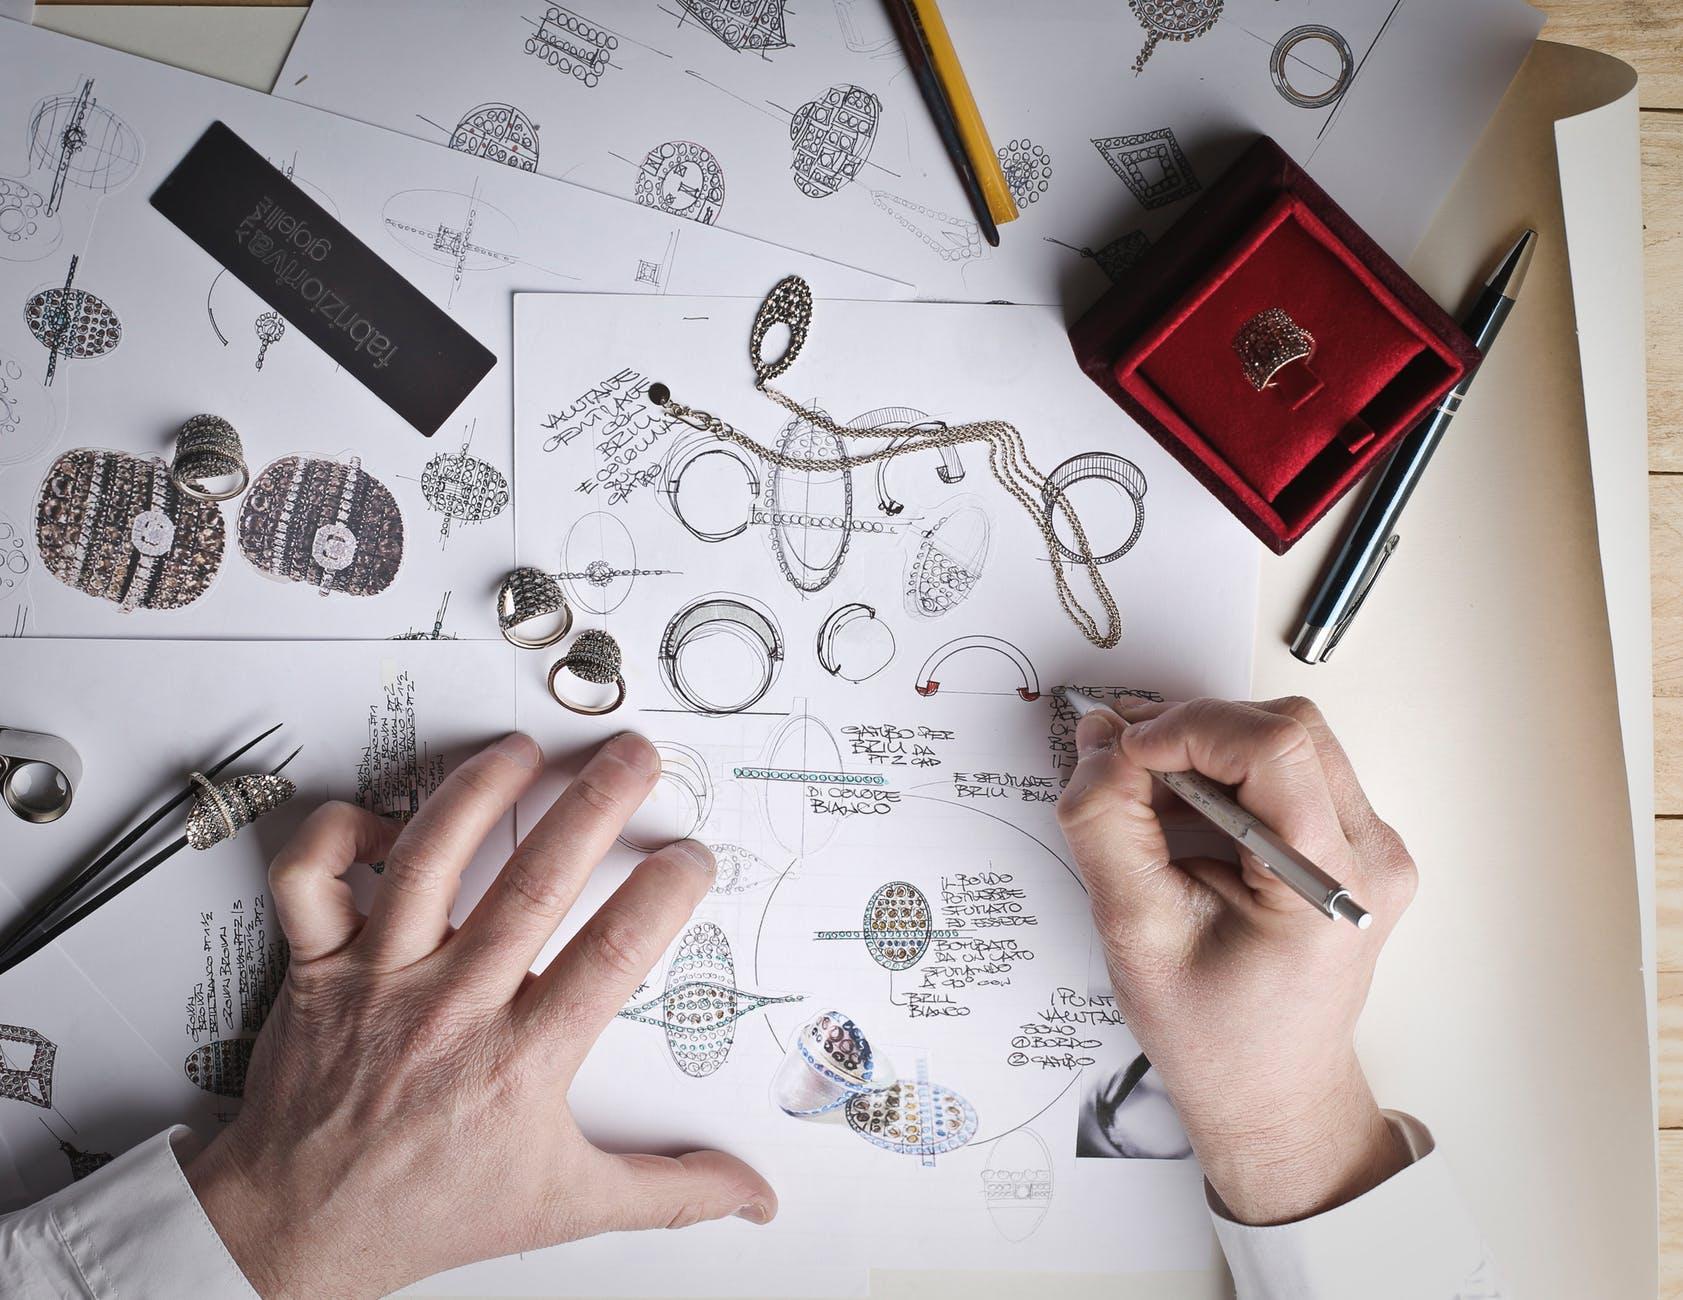 Сервис Дизайн: искусство для избранных или потребность времени?